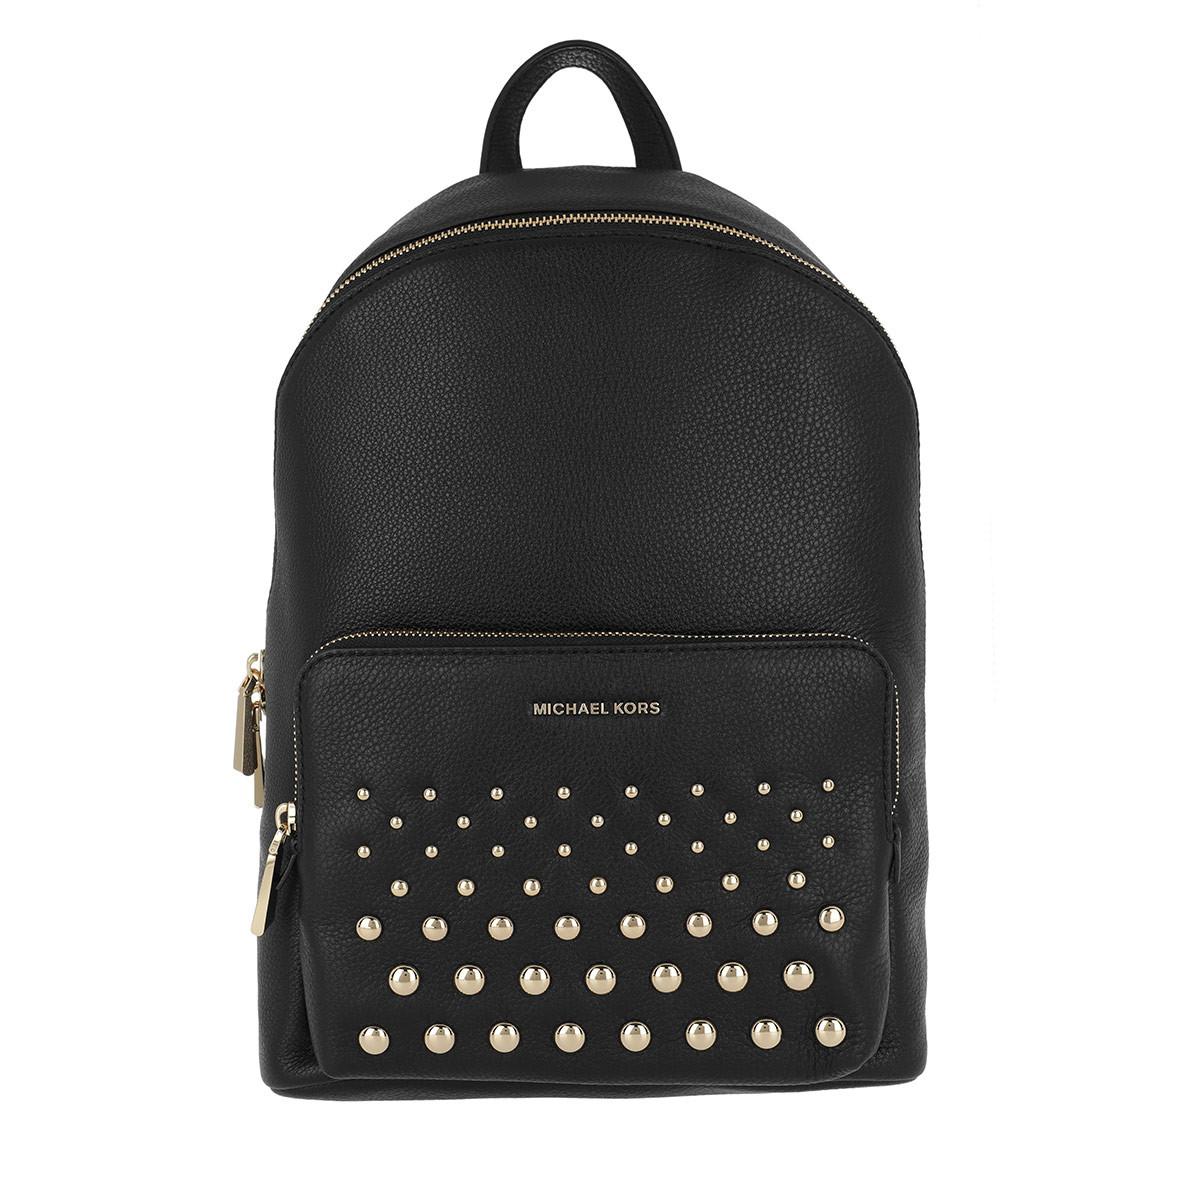 MwVUOnDQ1E Schoudertassen - Wythe LG Backpack Black in zwart voor dames Korting Nieuwste Goedkope Koop Foto Csd7MU